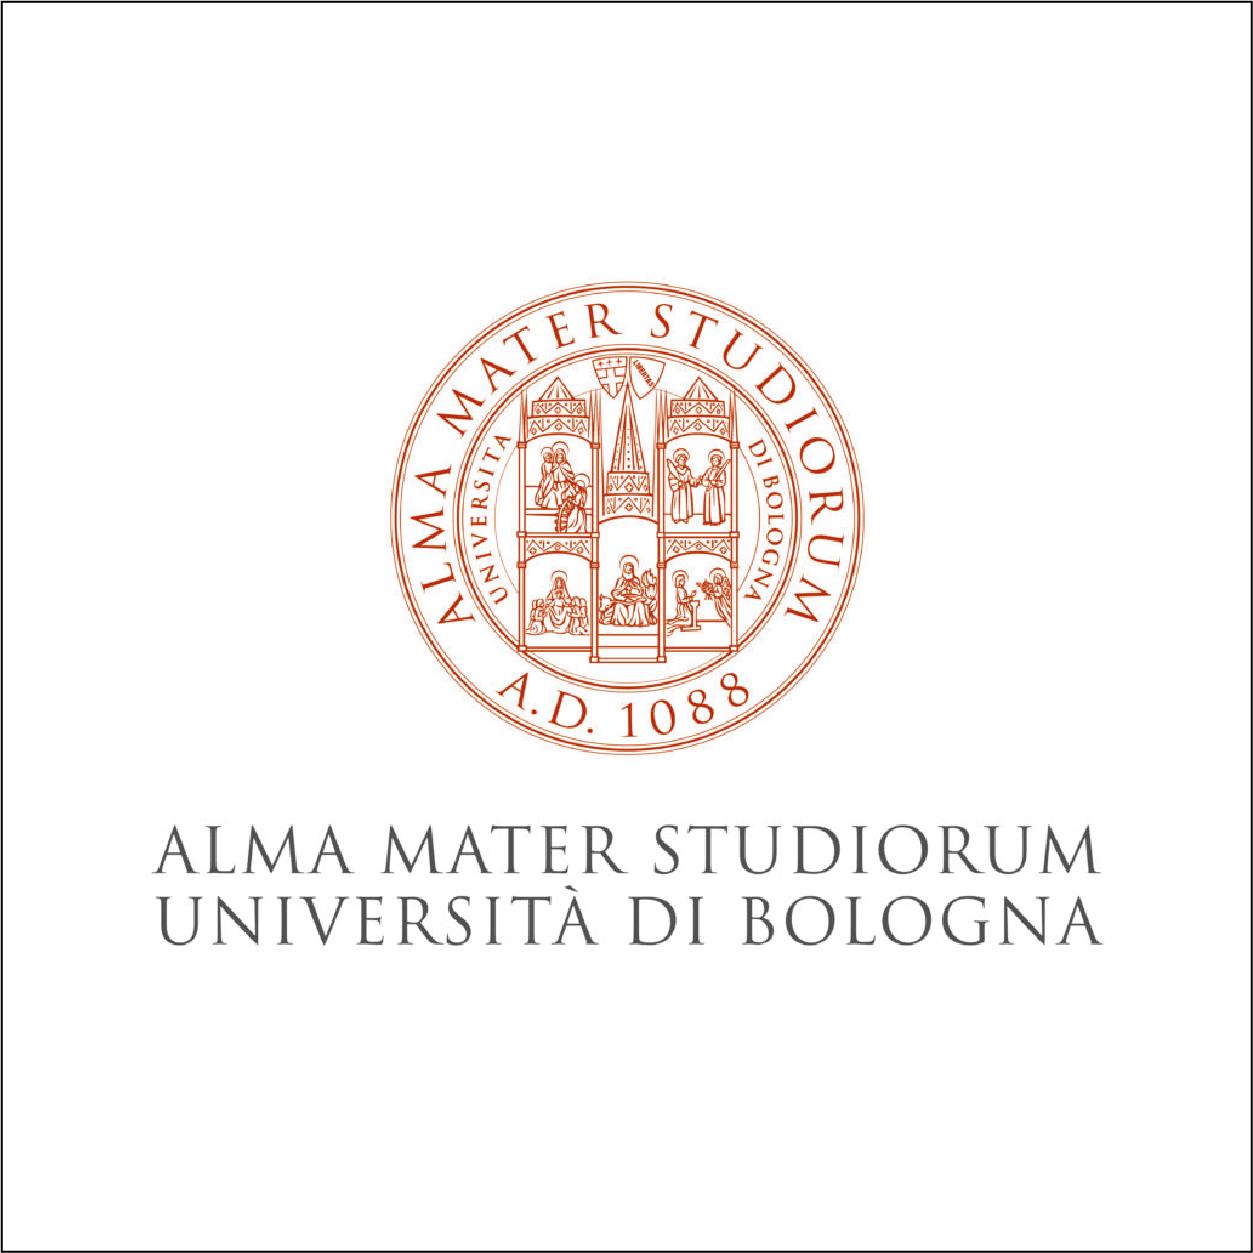 ALMA MATER UNIBO